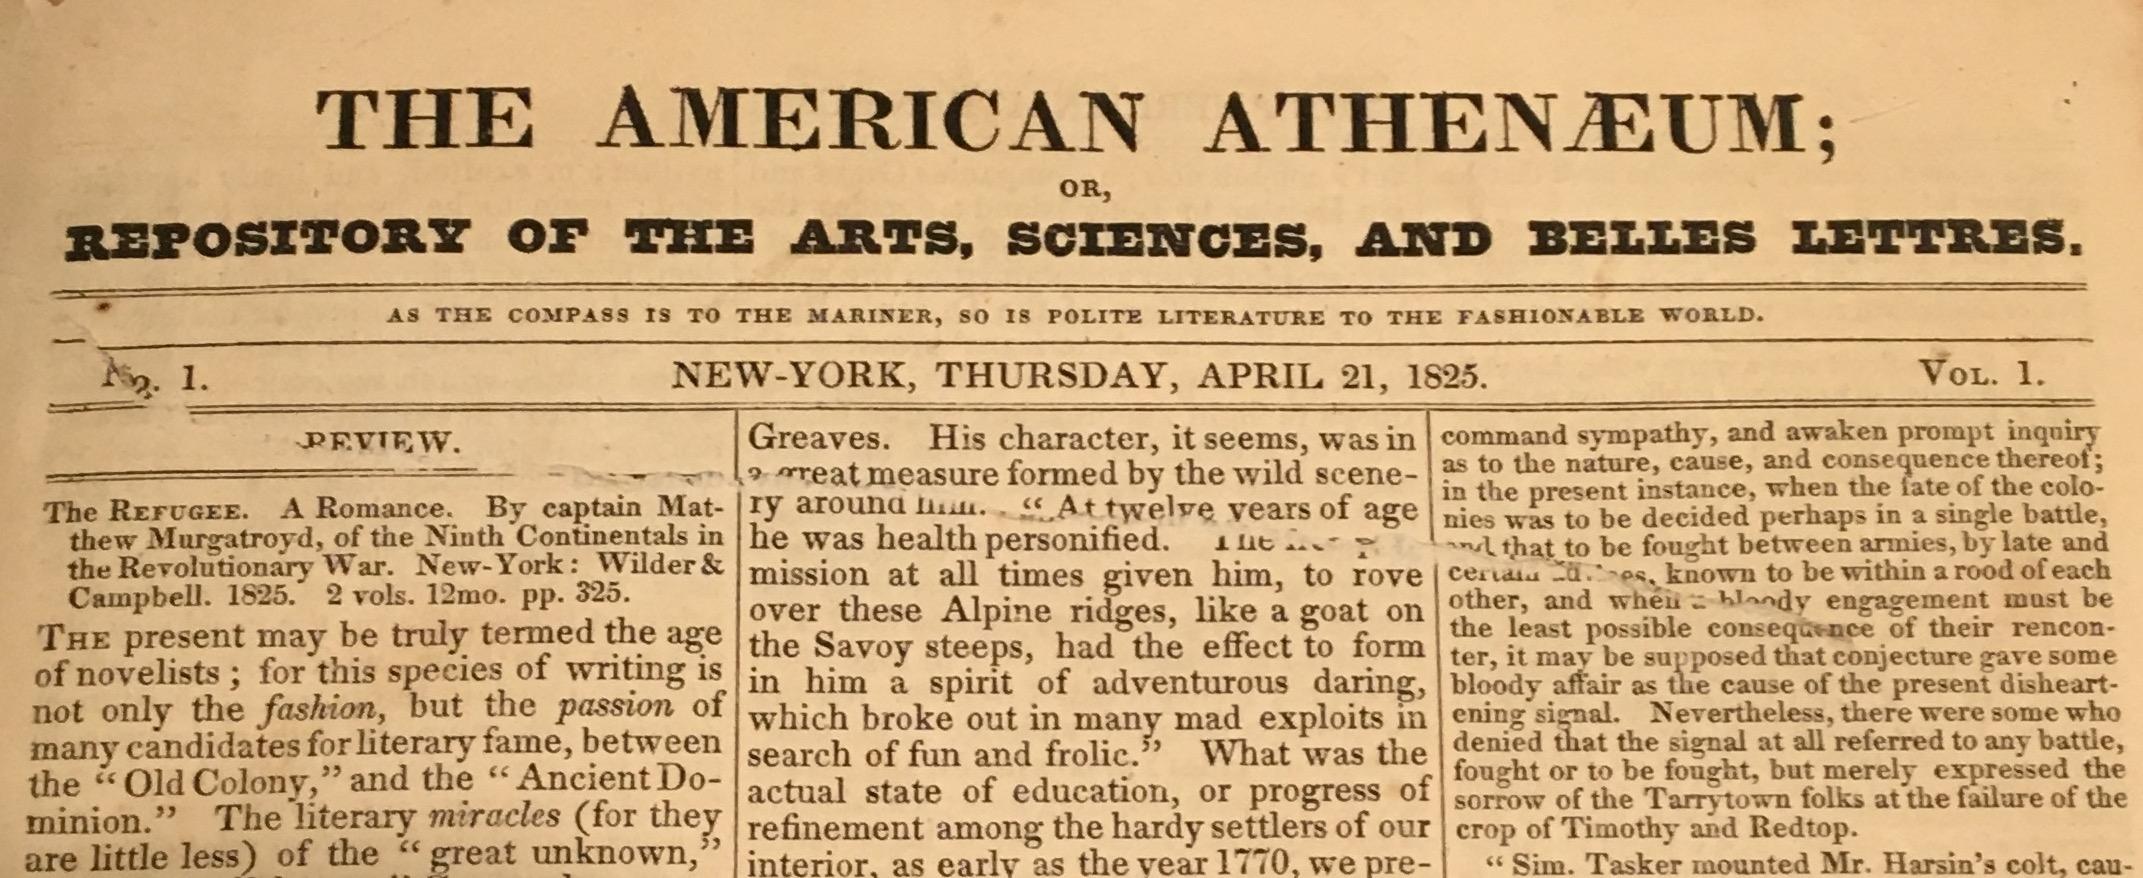 American Athenaeum